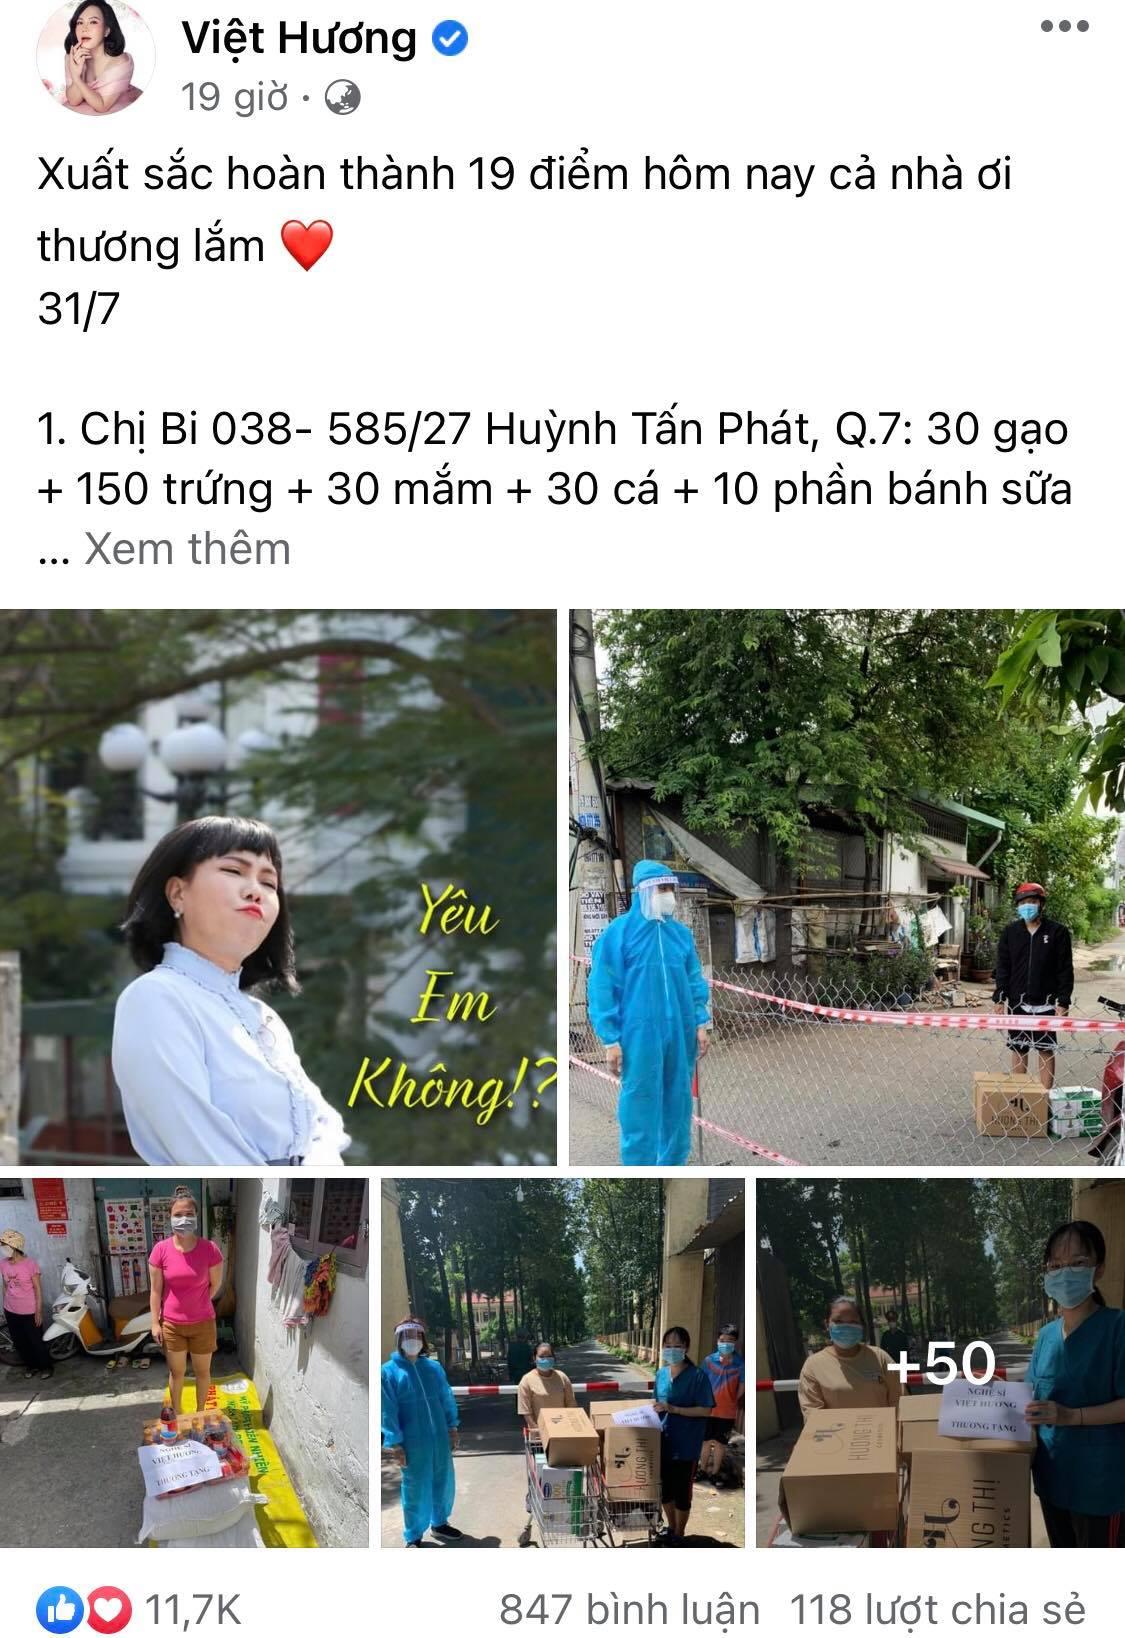 Viet Huong 4